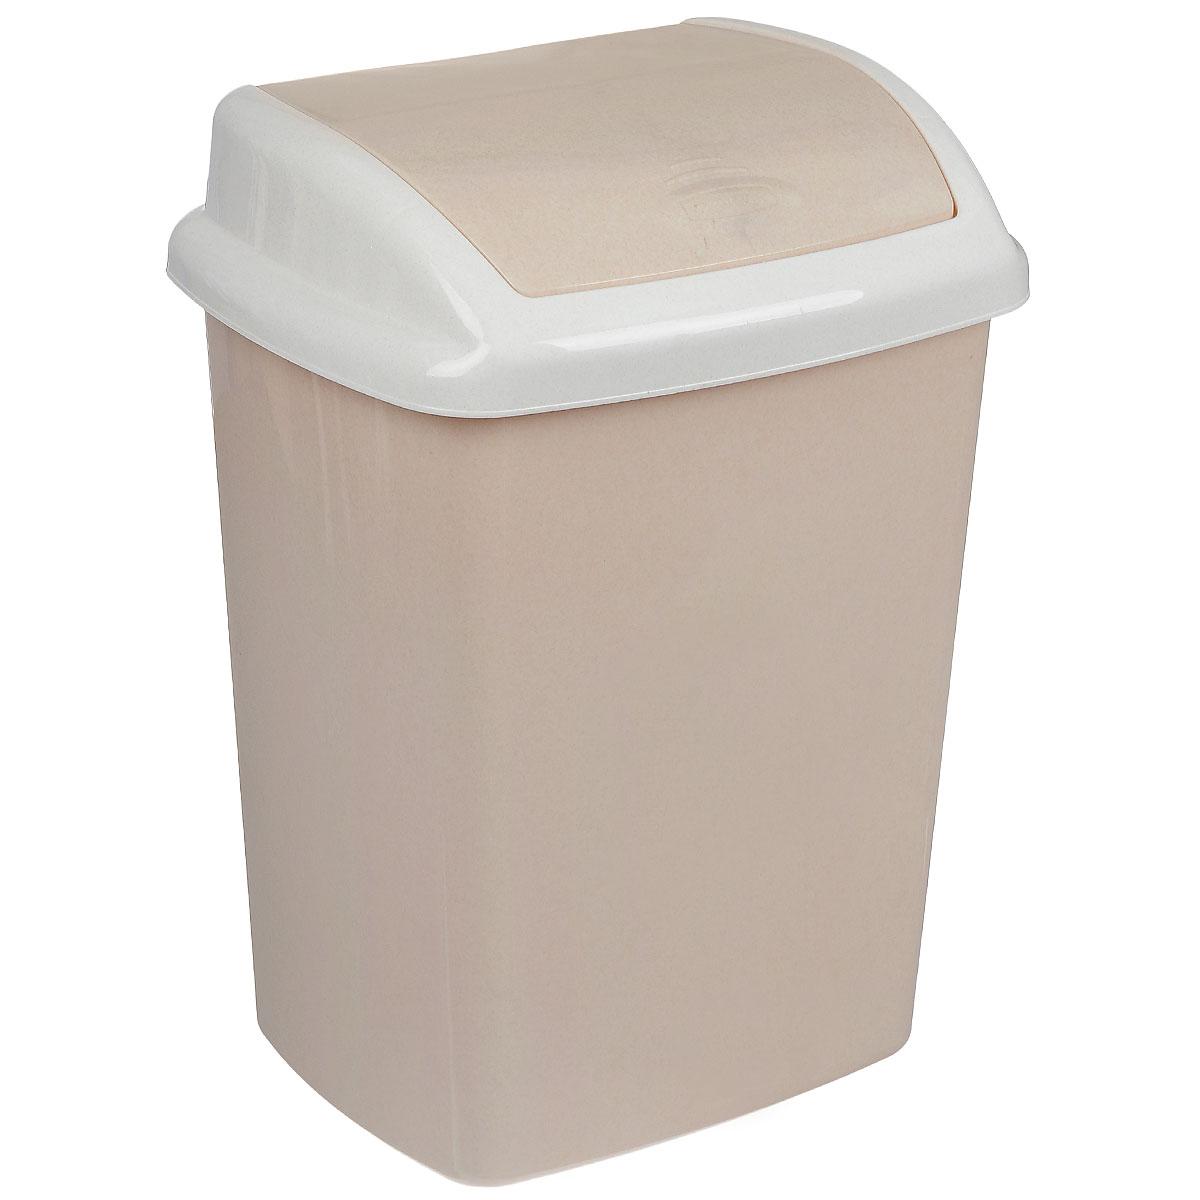 Контейнер для мусора Curver Доминик, цвет: бежевый, белый, 25 л5322_бежевый люкс / бежевыйКонтейнер для мусора Curver Доминик изготовлен из прочного пластика. Контейнер снабжен удобной крышкой с подвижной перегородкой. В нем удобно хранить мелкий мусор. Благодаря лаконичному дизайну такой контейнер идеально впишется в интерьер и дома, и офиса.